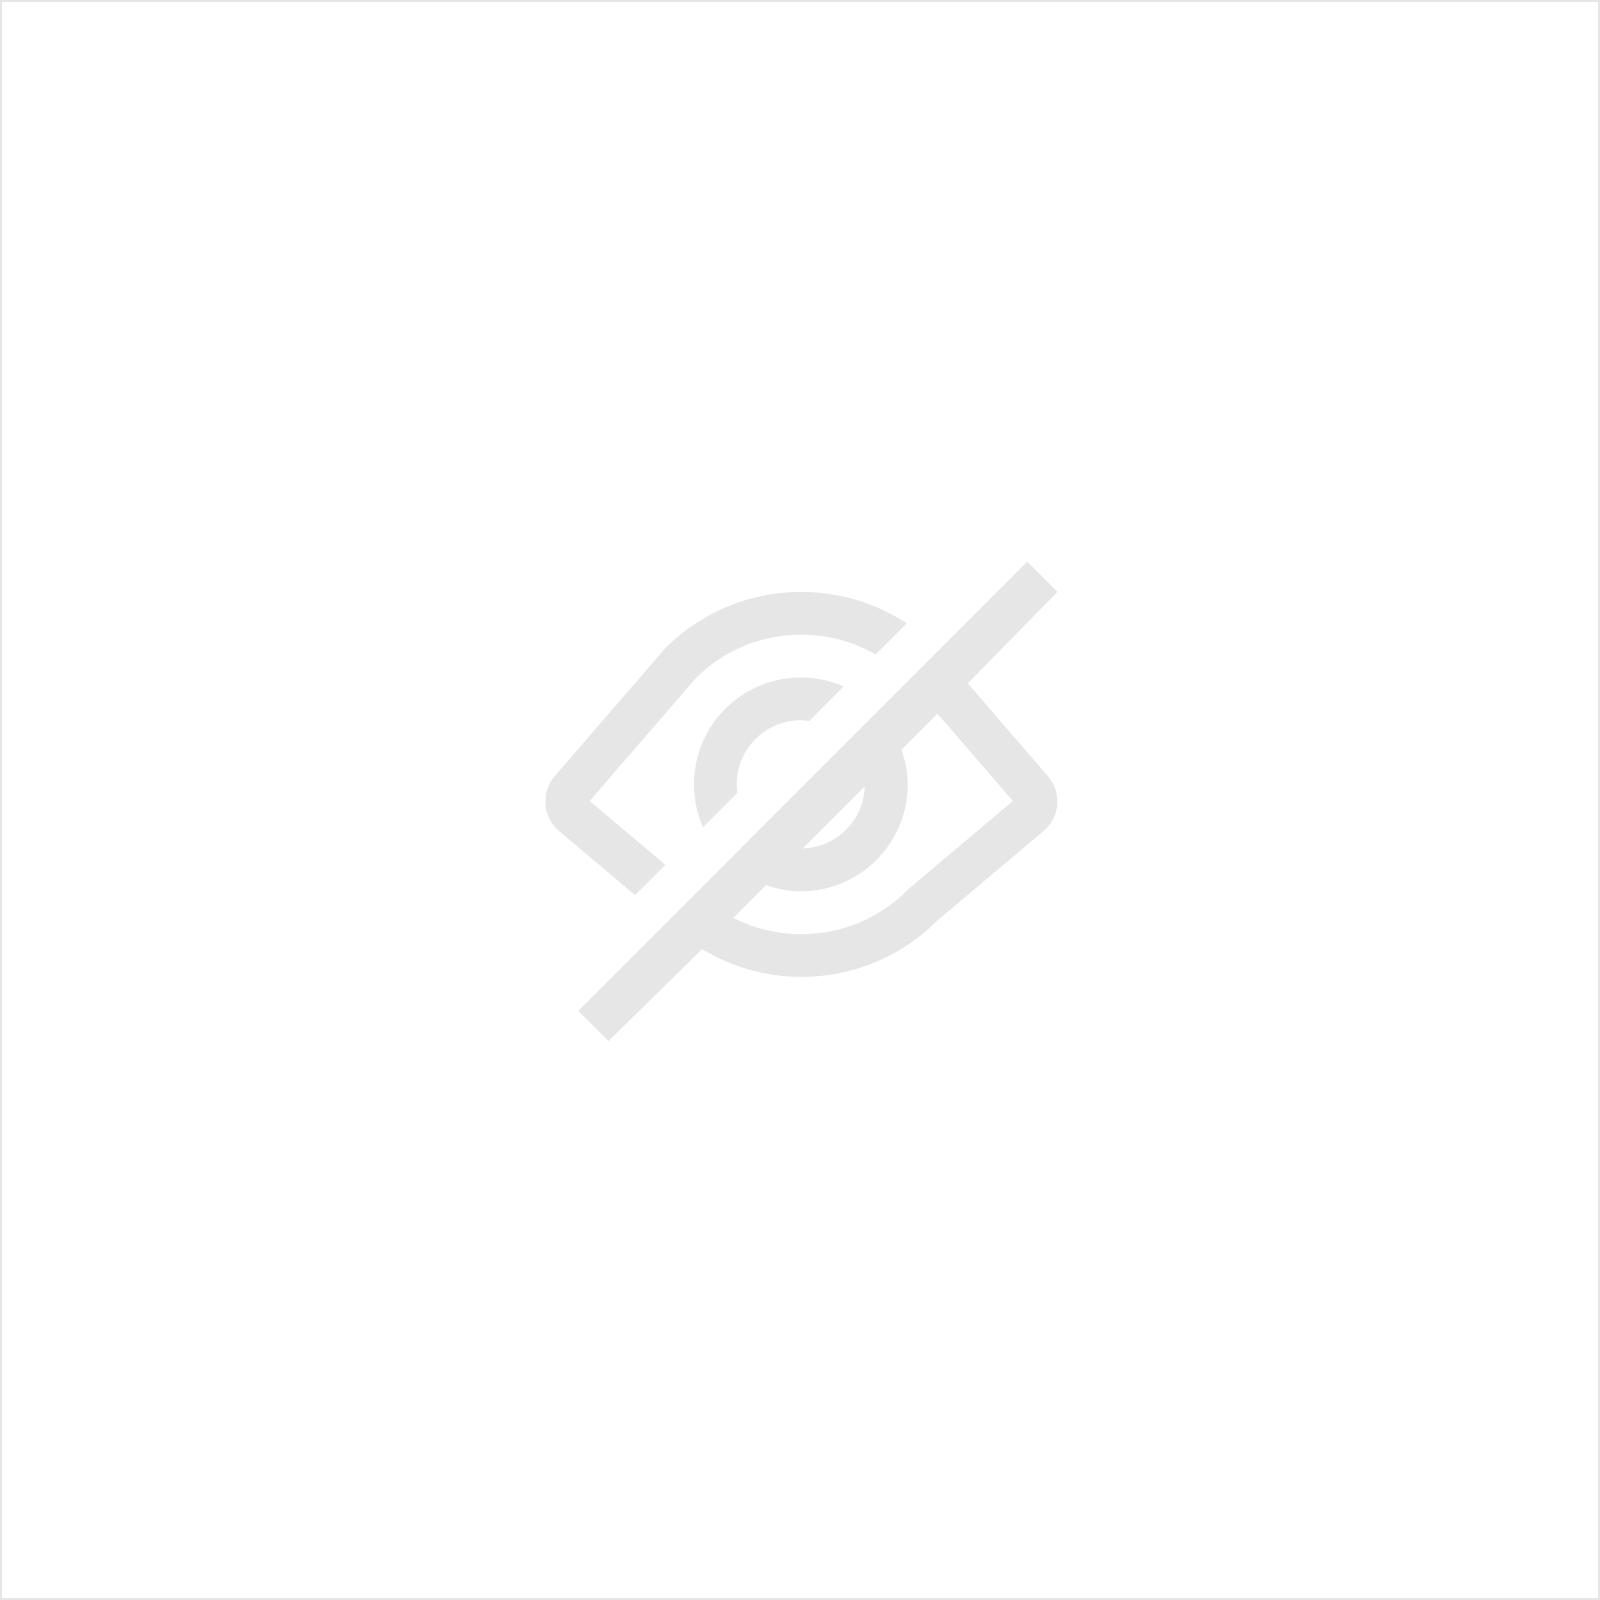 MOLETTES OPTIONELLE POUR BORDEUSE MOULUREUSE 9 MM